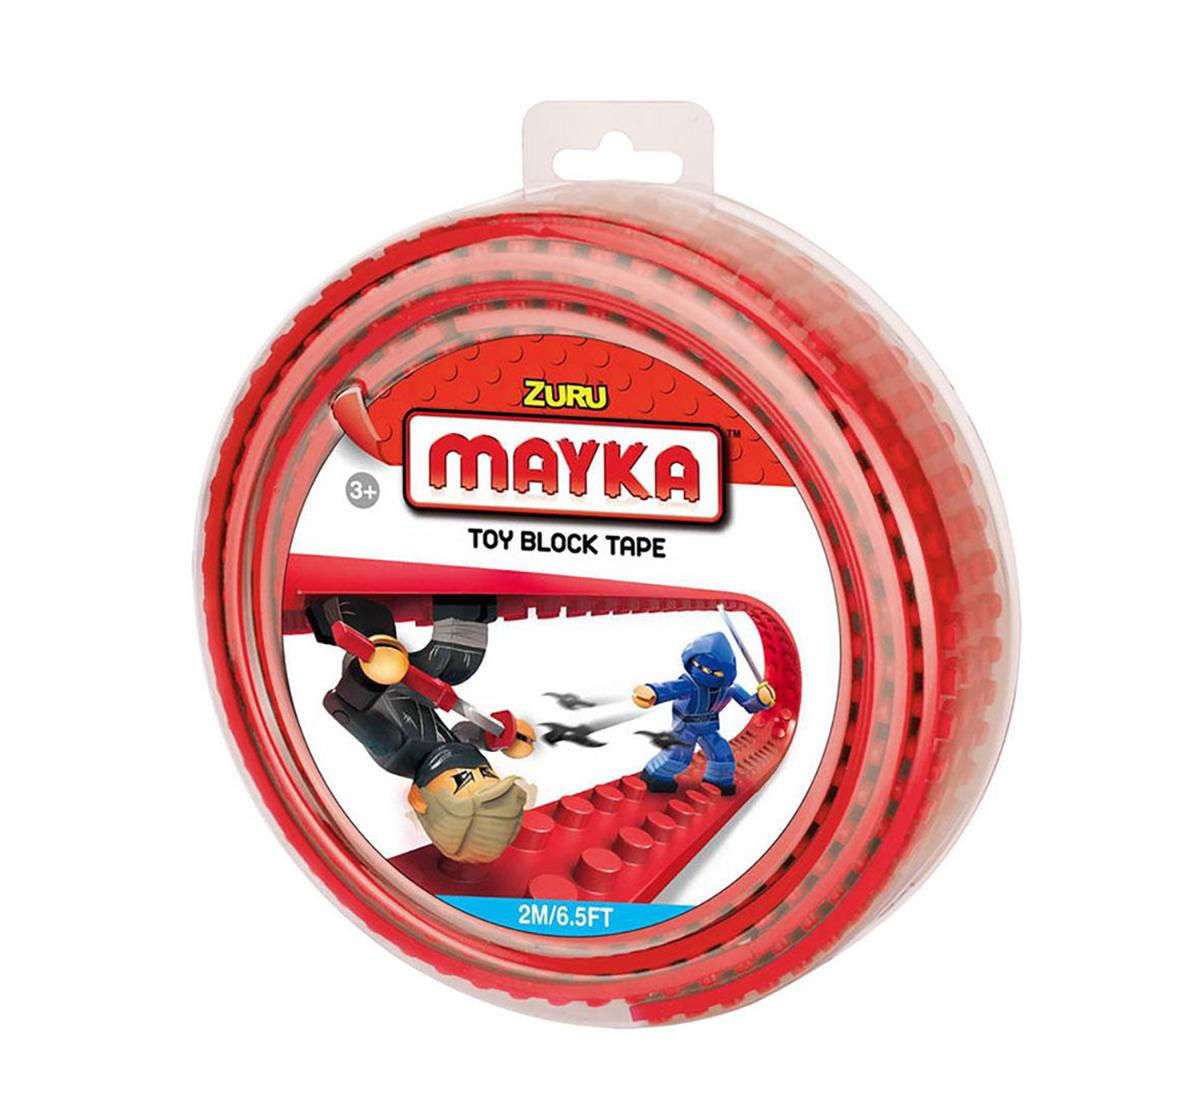 Mayka   Zuru Mayka Toy Block Tape Generic Blocks for Kids age 3Y+ (Red)